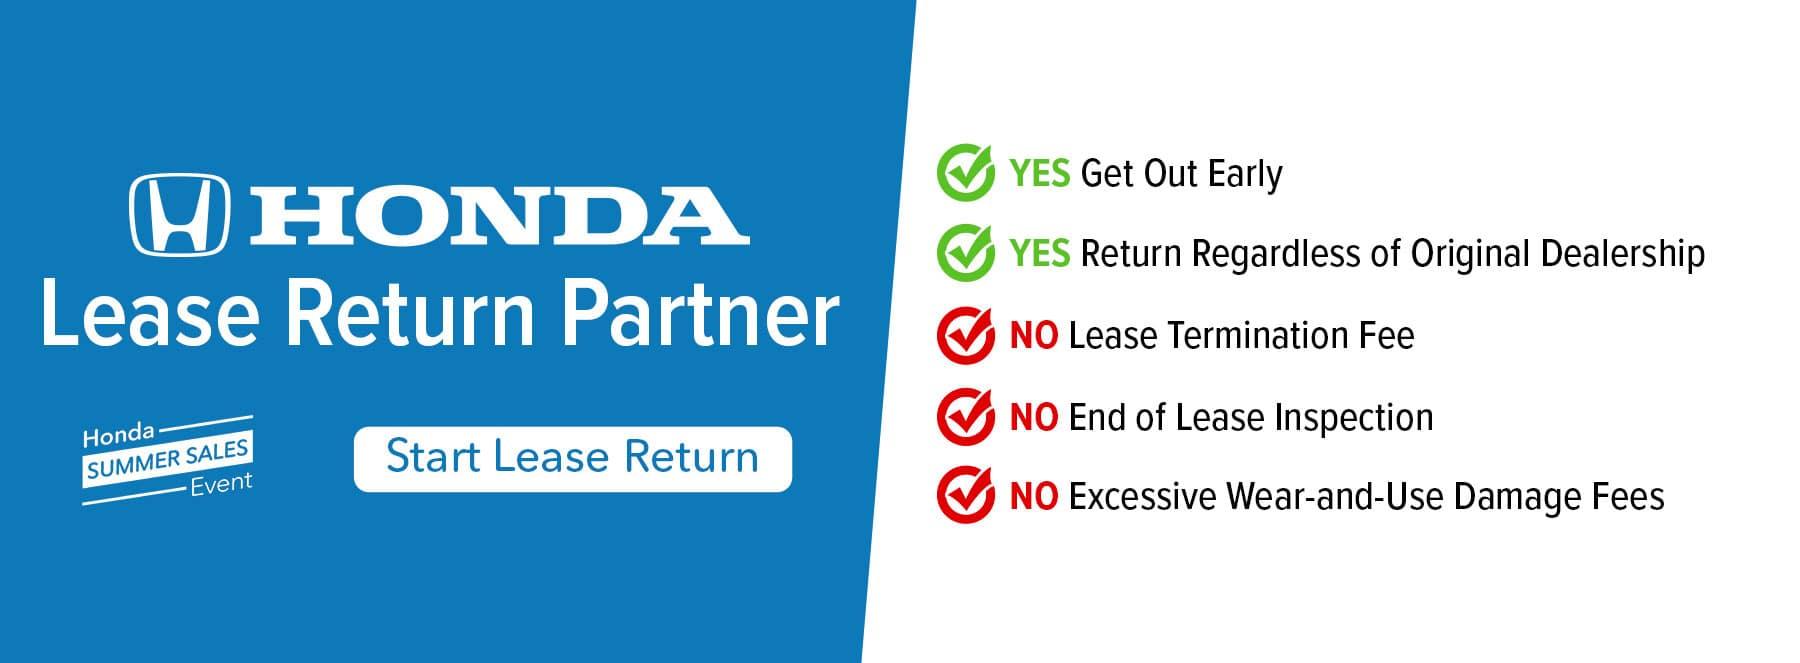 Honda Lease Return Partner